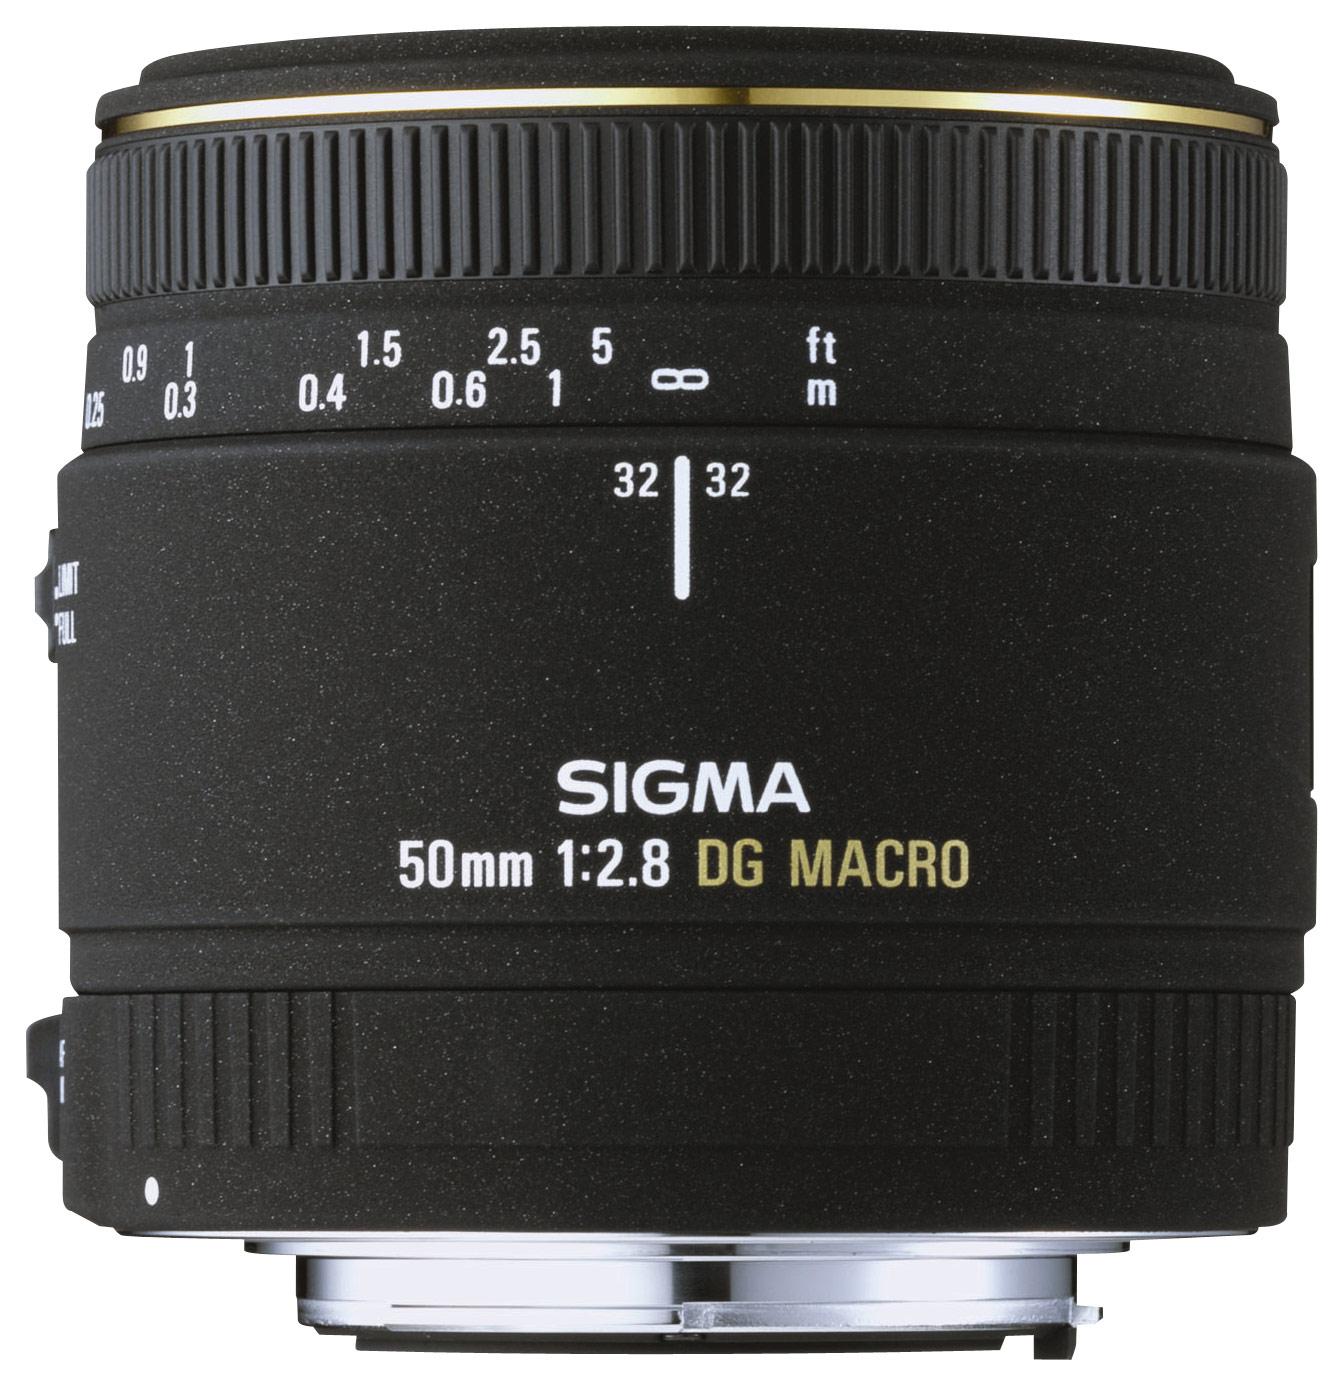 Sigma - 50mm f/2.8 EX DG Macro AF Lens for Nikon AF Digital SLR Cameras - Black